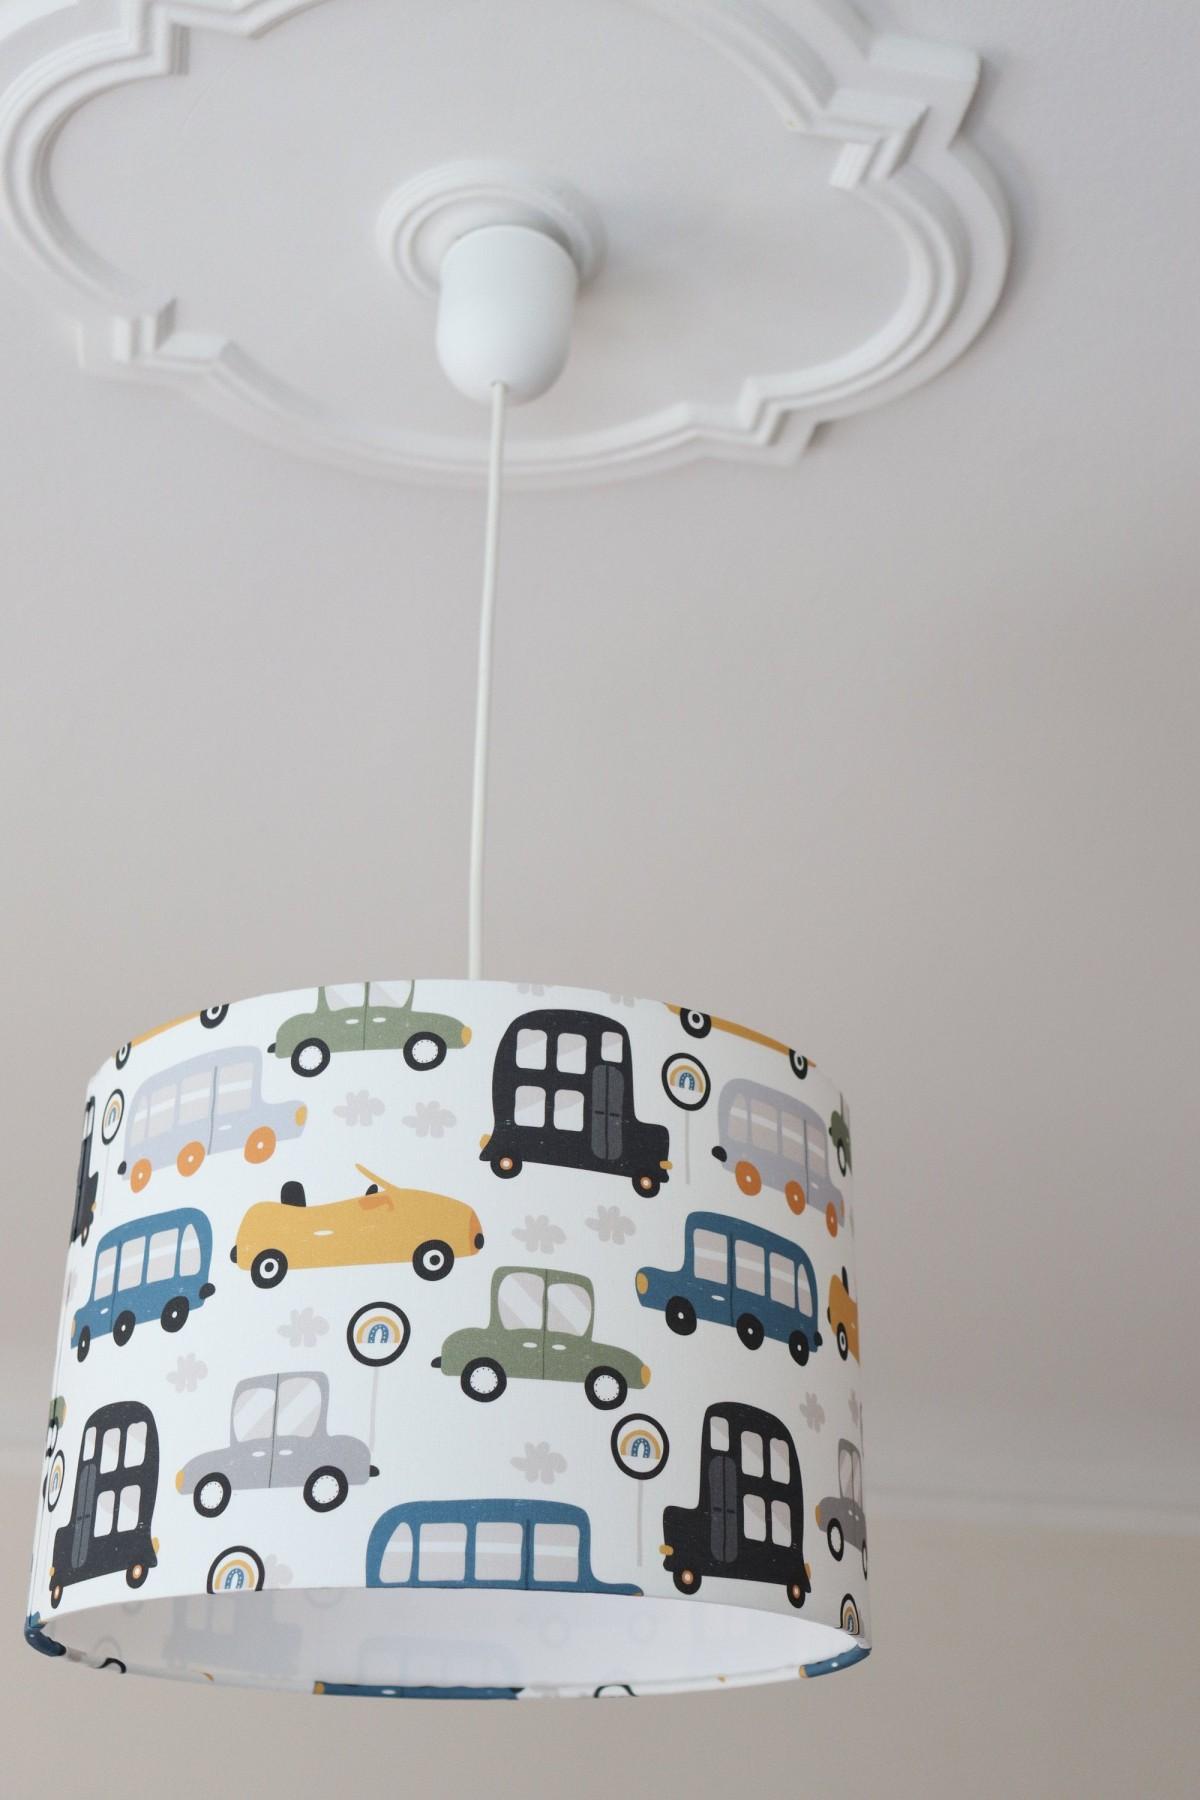 Full Size of Lampen Für Kinderzimmer Lampe Autos Online Shop Klabauterlampen Deckenlampen Wohnzimmer Laminat Fürs Bad Regale Sofa Regal Dachschräge Spiegelschränke Kinderzimmer Lampen Für Kinderzimmer